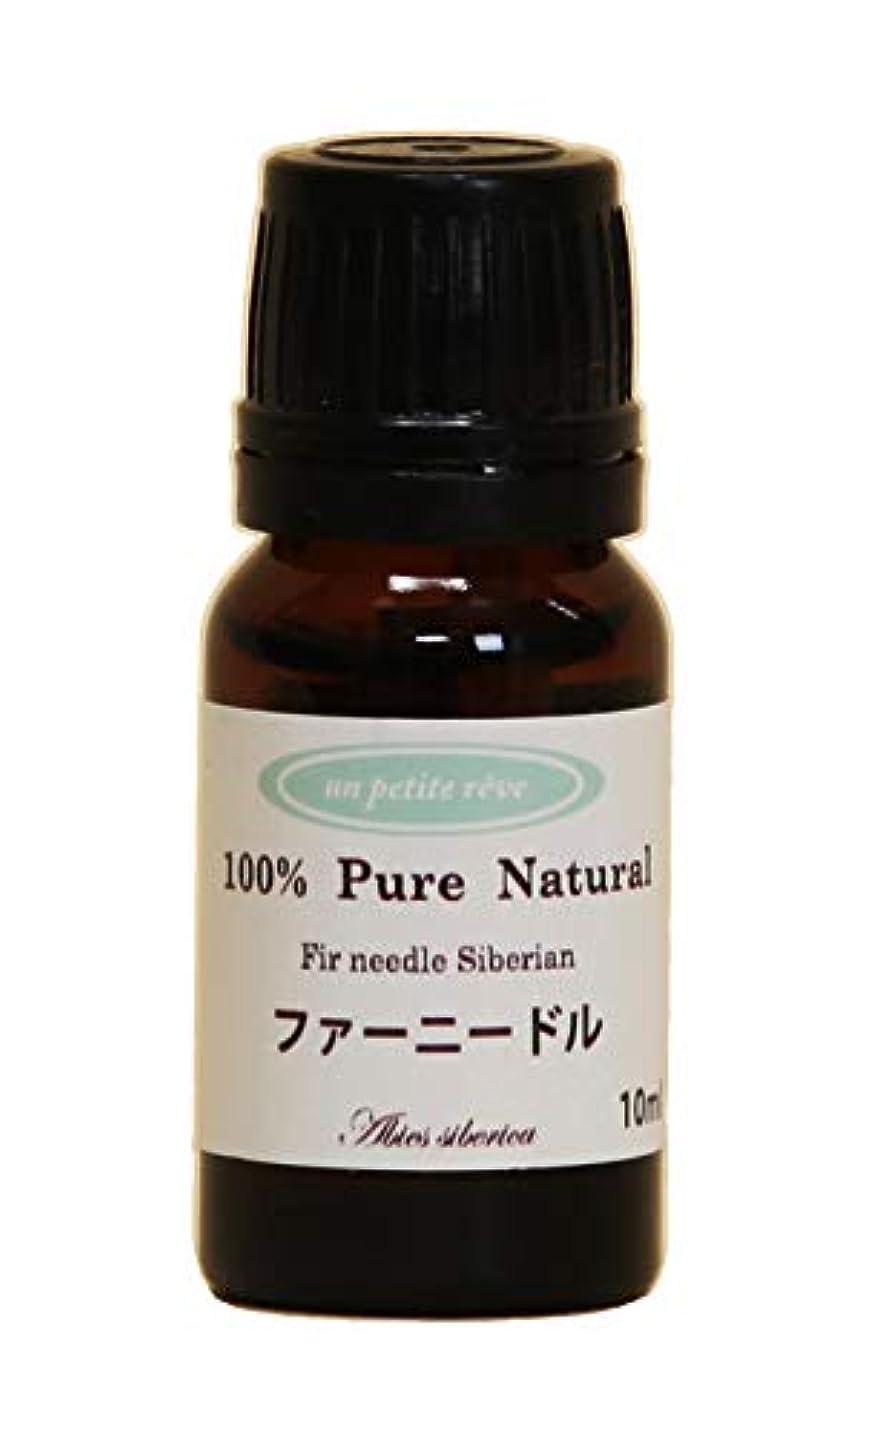 リス治療体現するファーニードル(シベリアモミ) 10ml 100%天然アロマエッセンシャルオイル(精油)